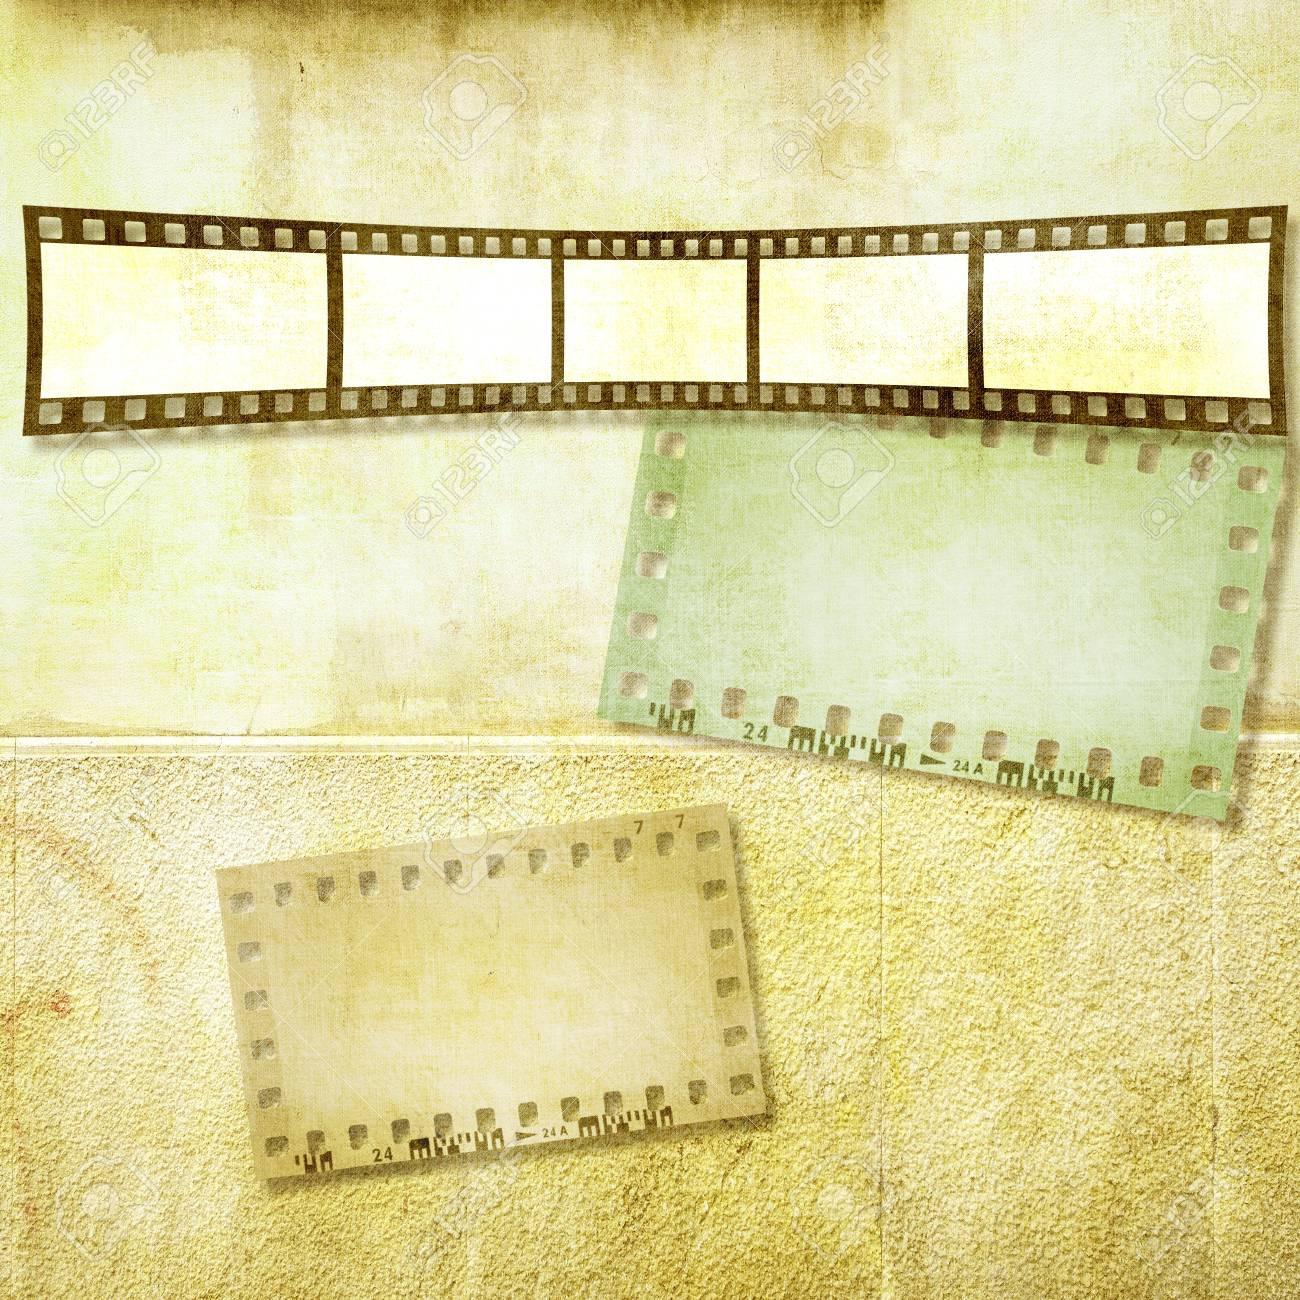 Vintage-Filmstreifen Rahmen Auf Alten Mauer. Sepia-Tönen ...